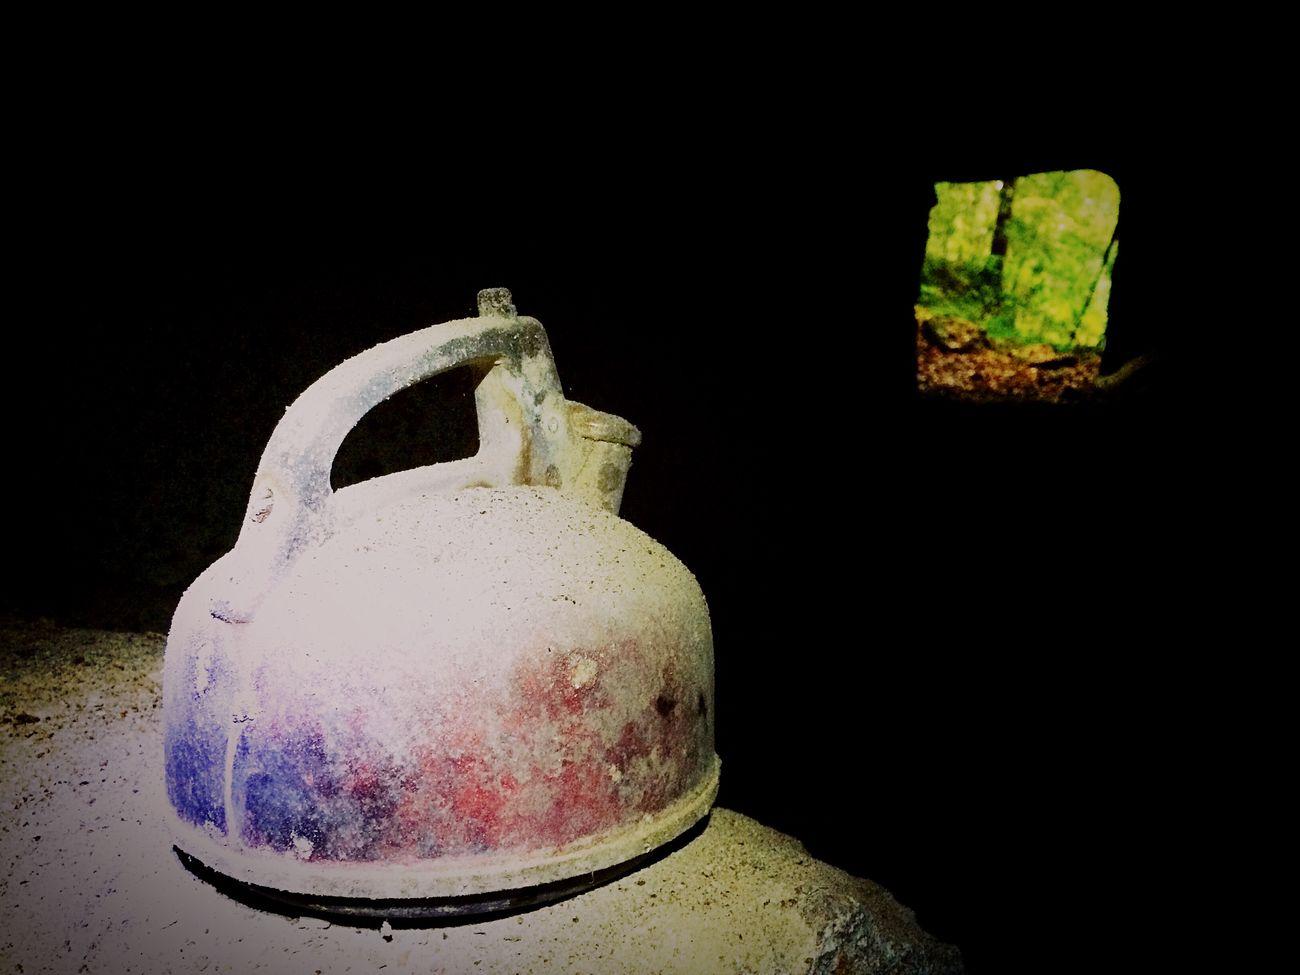 やかん Industrial Heritage 地底 Quarry 大谷石 Underground 大谷採石場 宇都宮 Utsunomiya チイキカチ